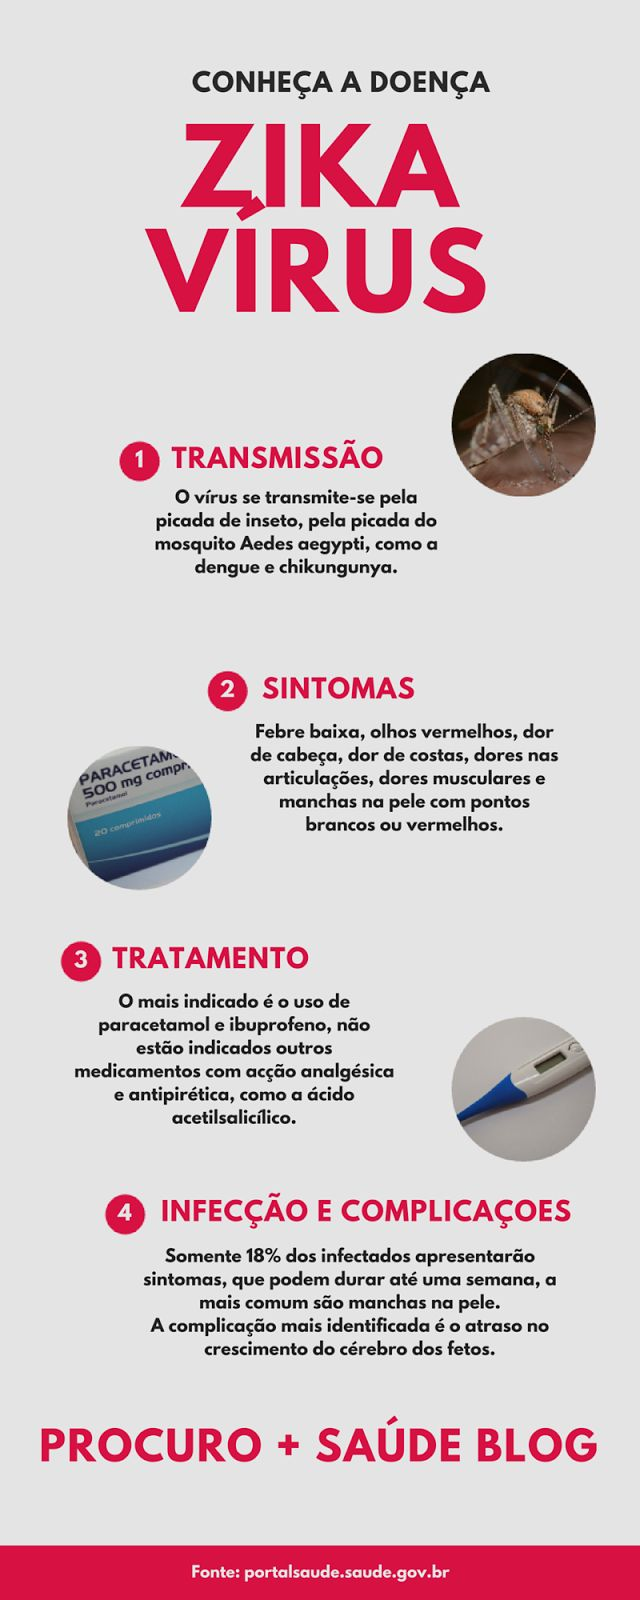 Zika vírus - conheça a doença